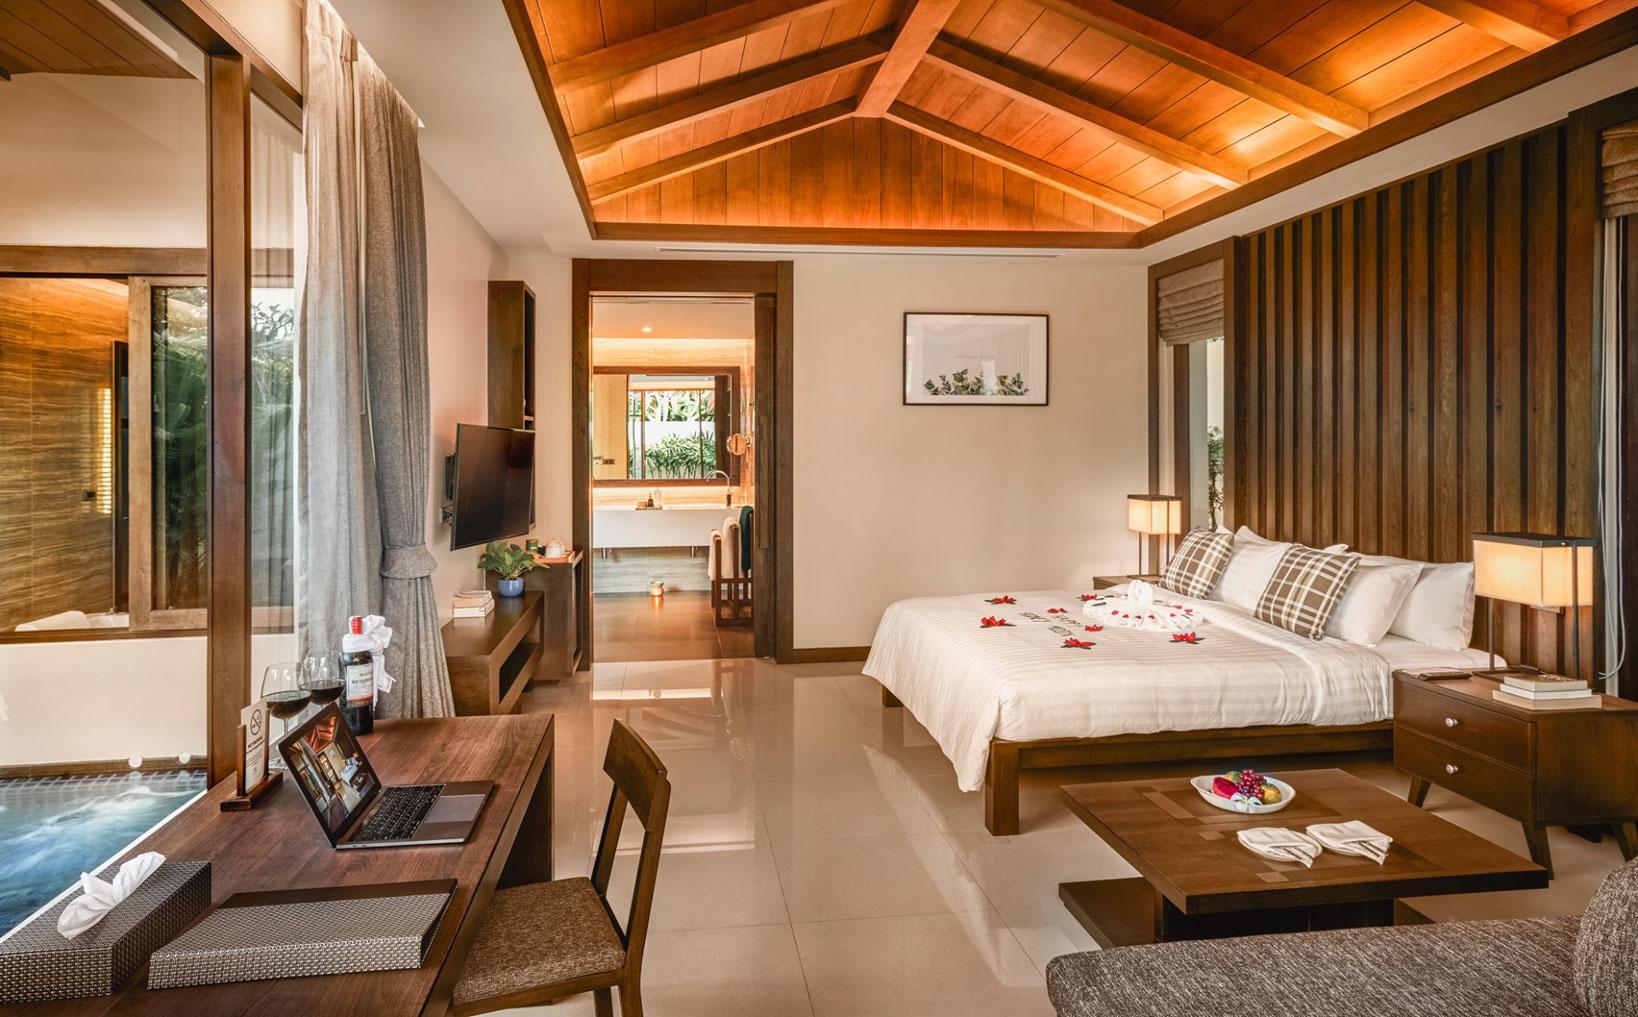 ที่พักริมทะเลสุดหรู ขนอม Khanom Beach Resort and Spa นครศรีธรรมราช สวยวิวหลักล้าน นครศรีดีย์